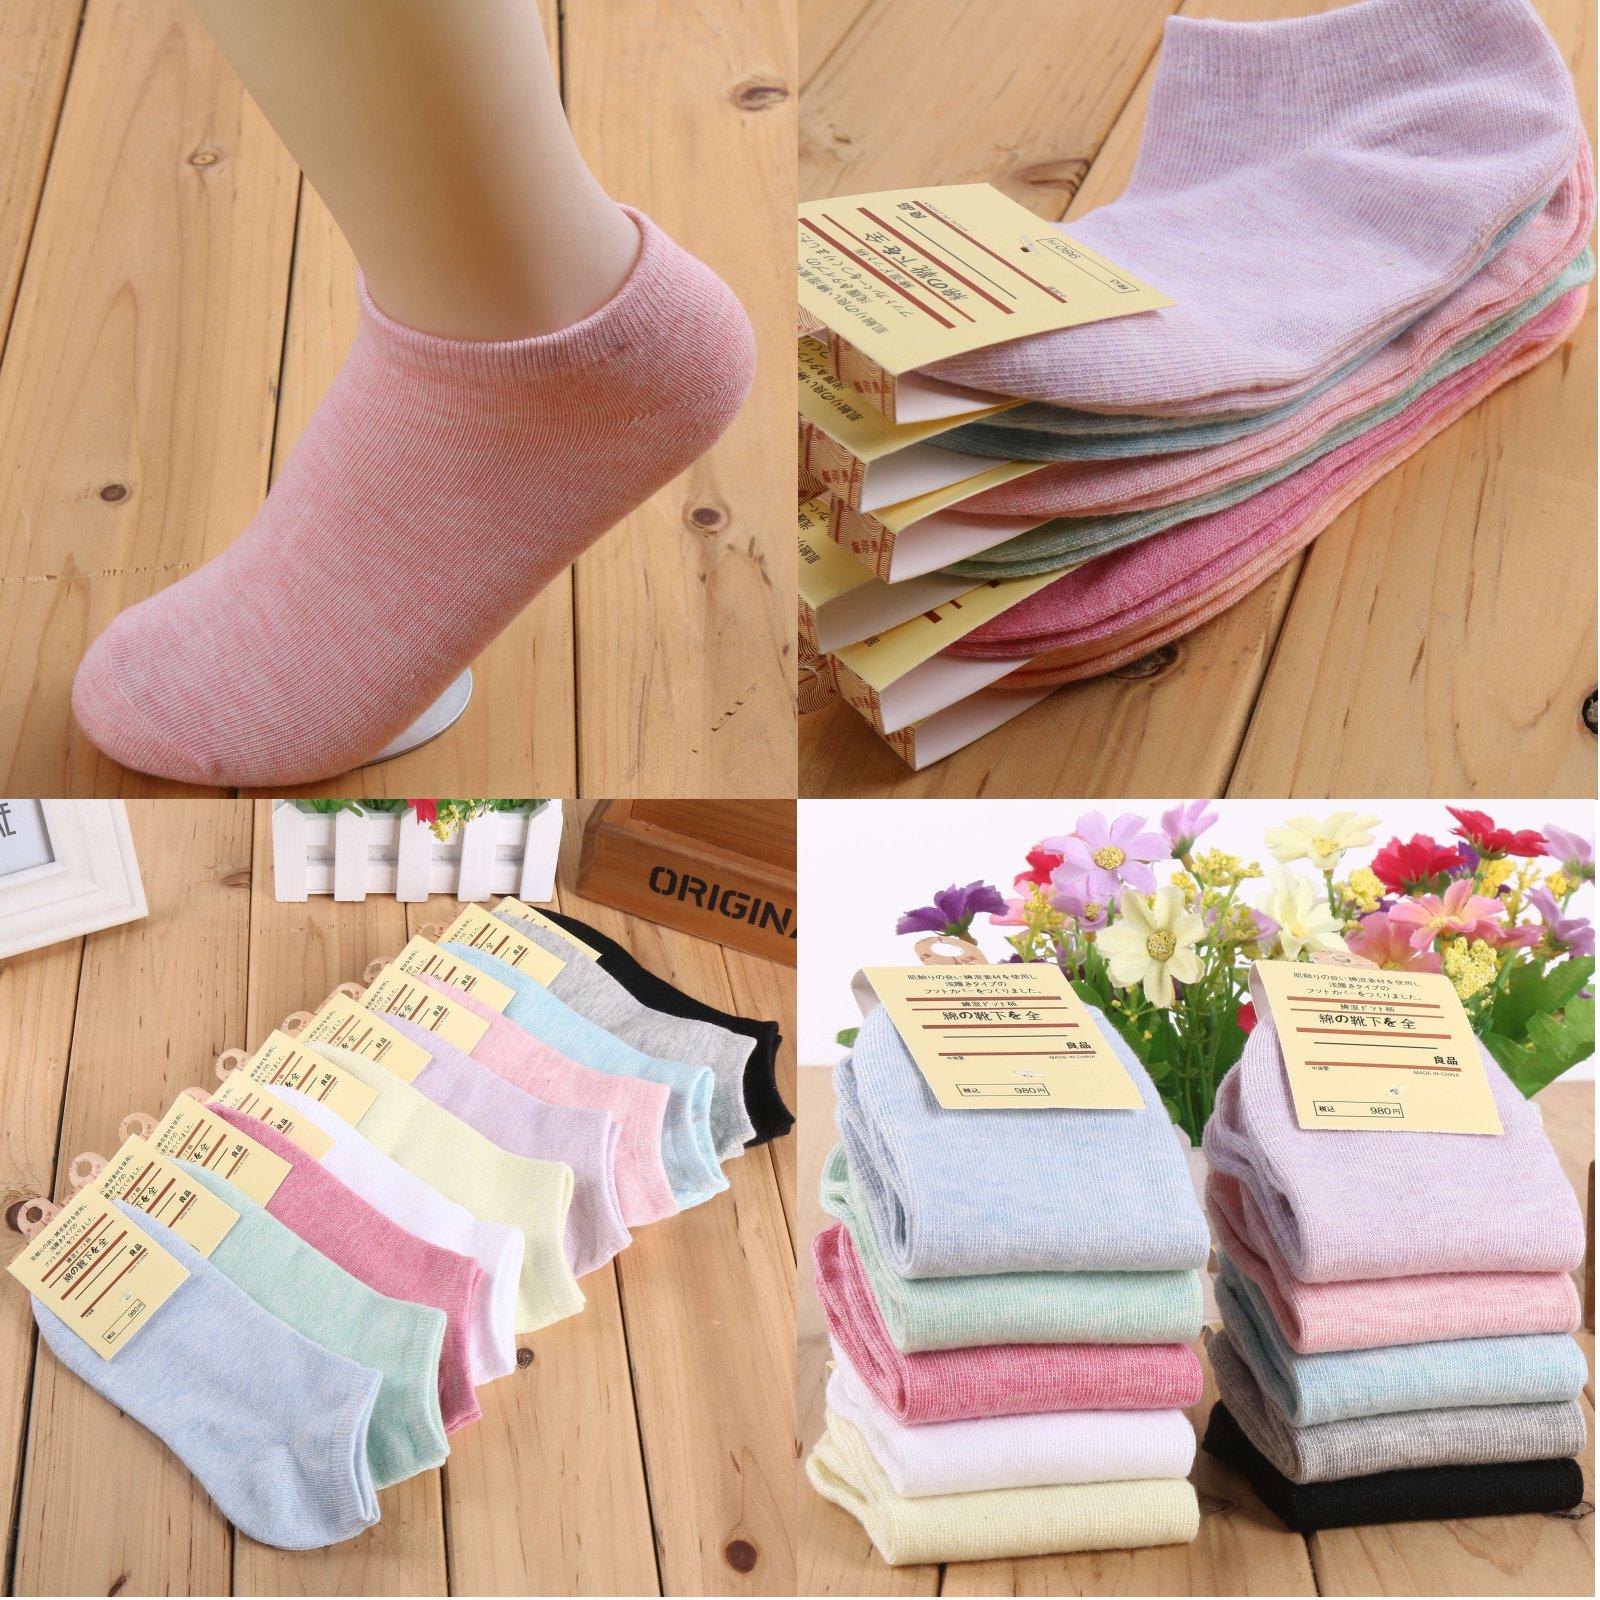 現貨 船型襪 隱形襪 純棉 棉襪 襪子 馬卡龍色船型襪 超好穿 (10色可選) 麗莎小舖